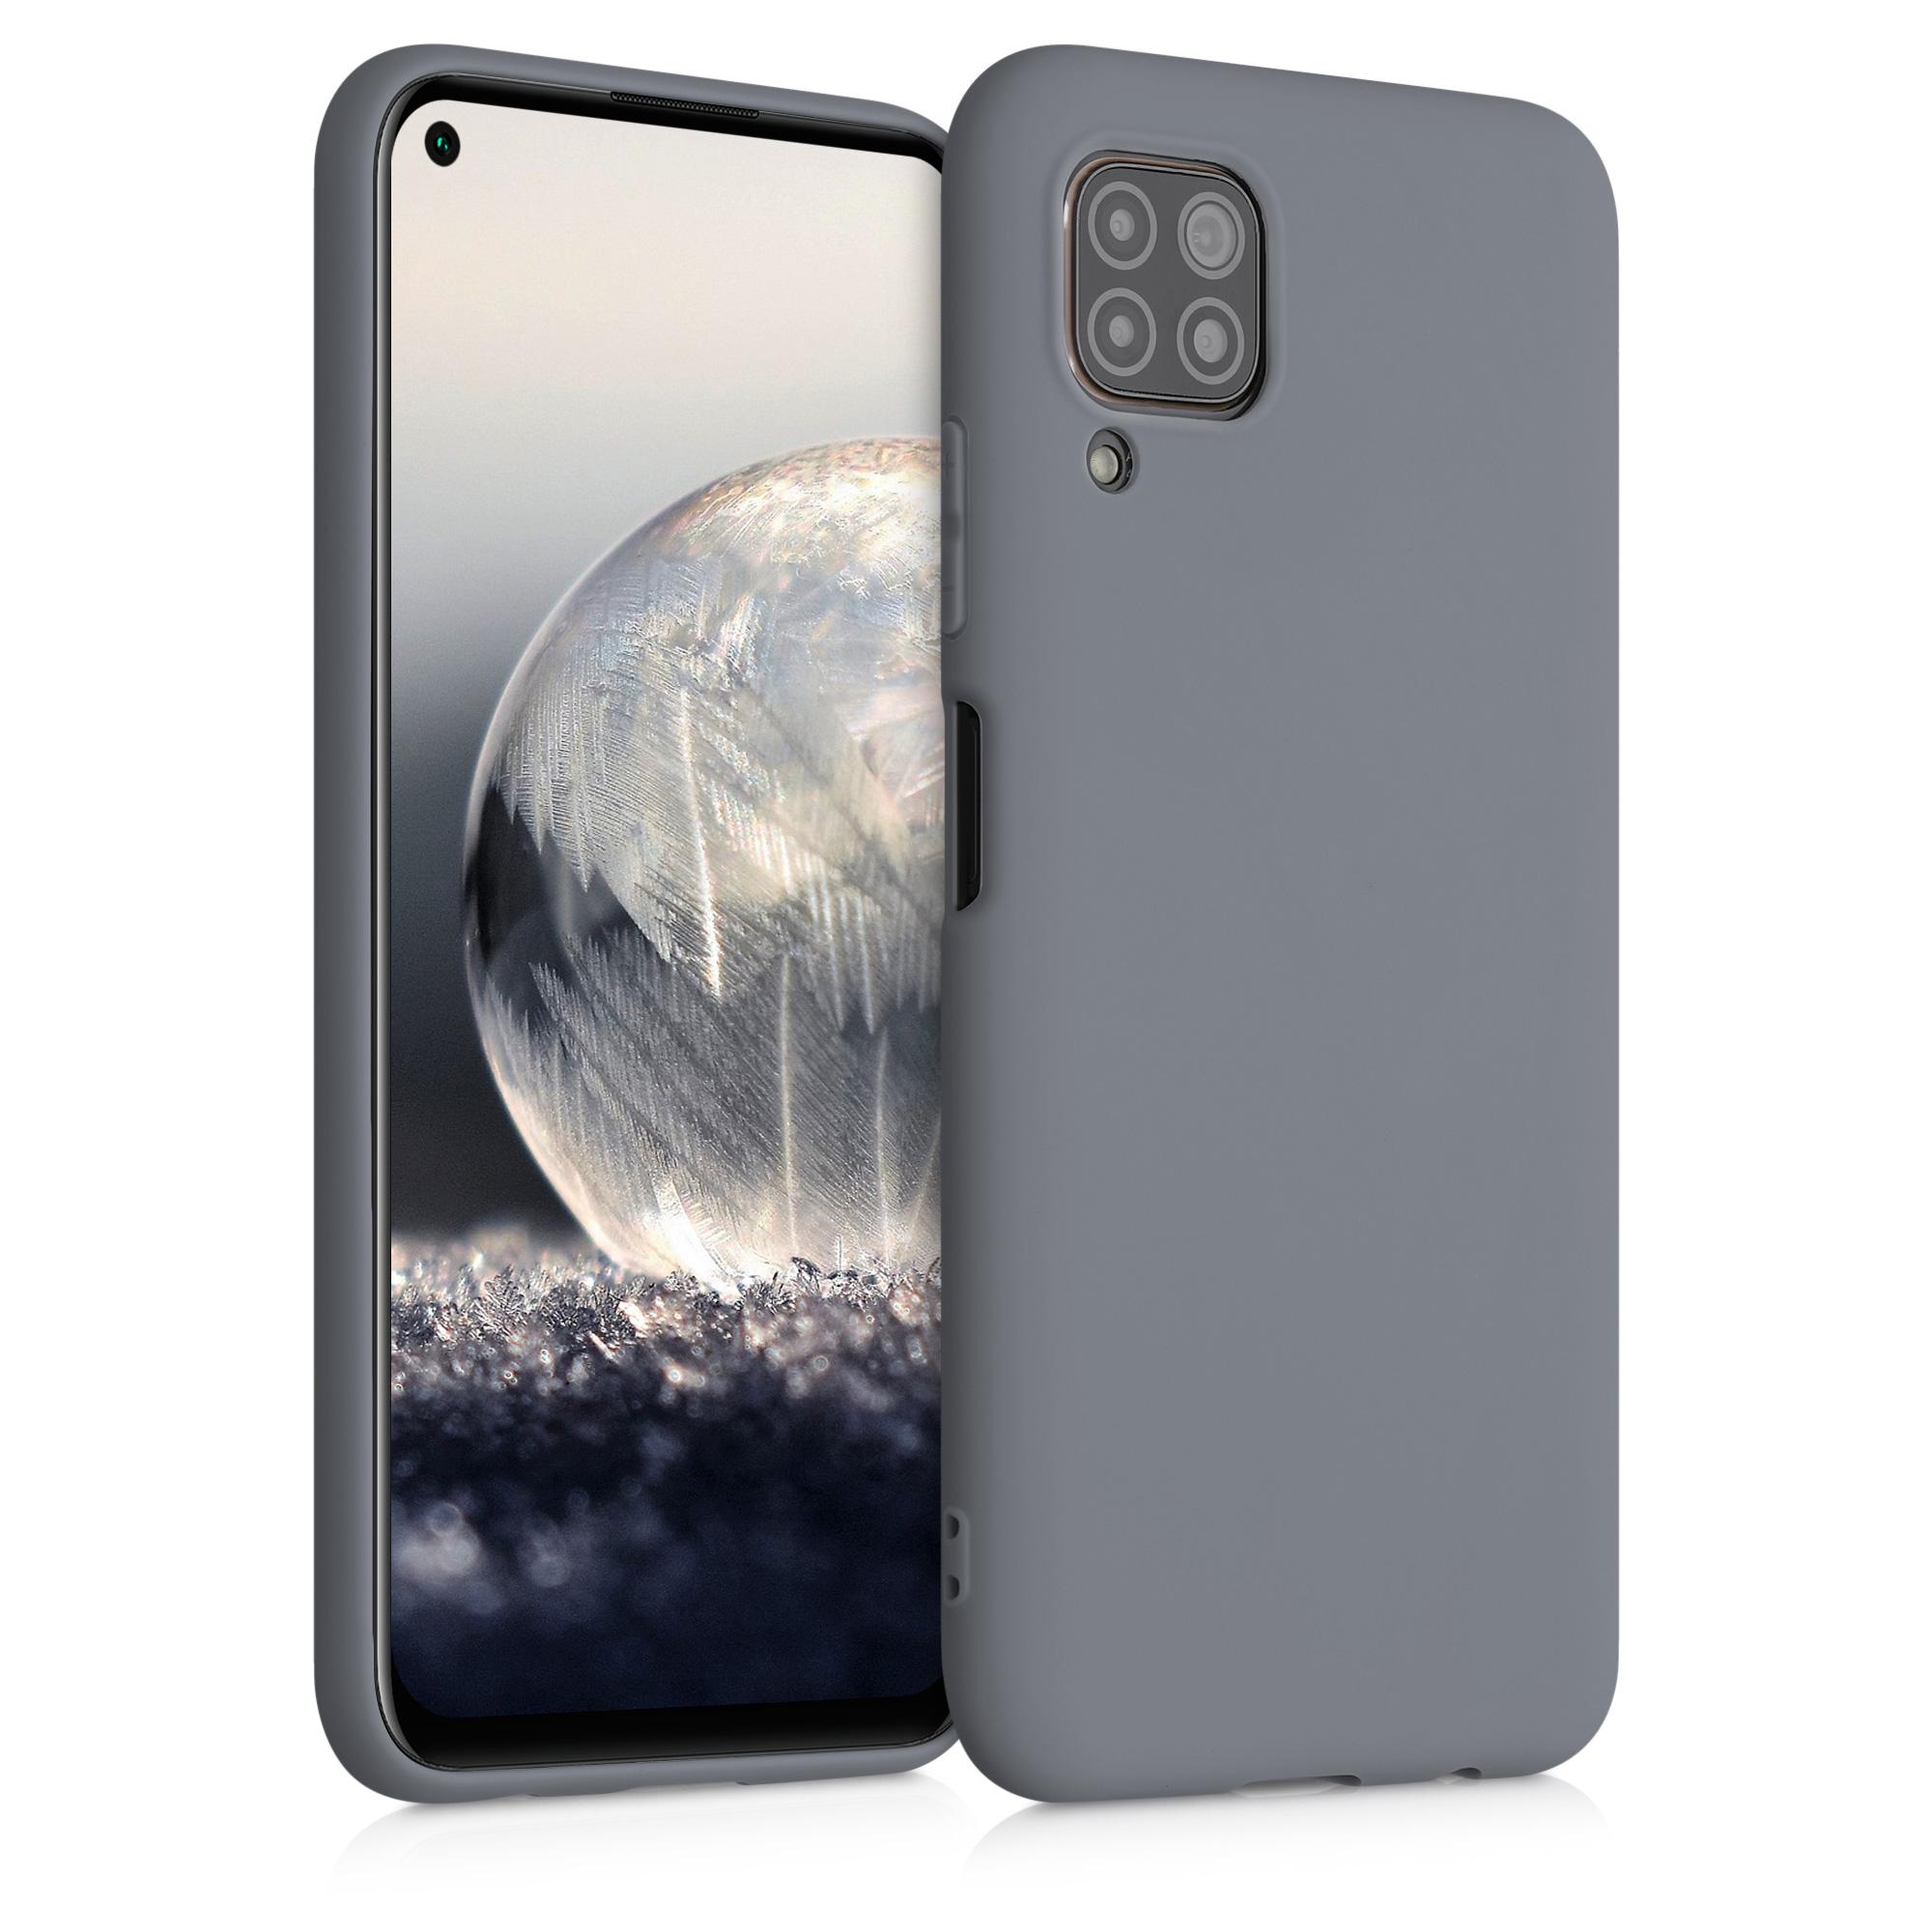 Titanově šedé silikonové pouzdro / obal pro Huawei P40 Lite